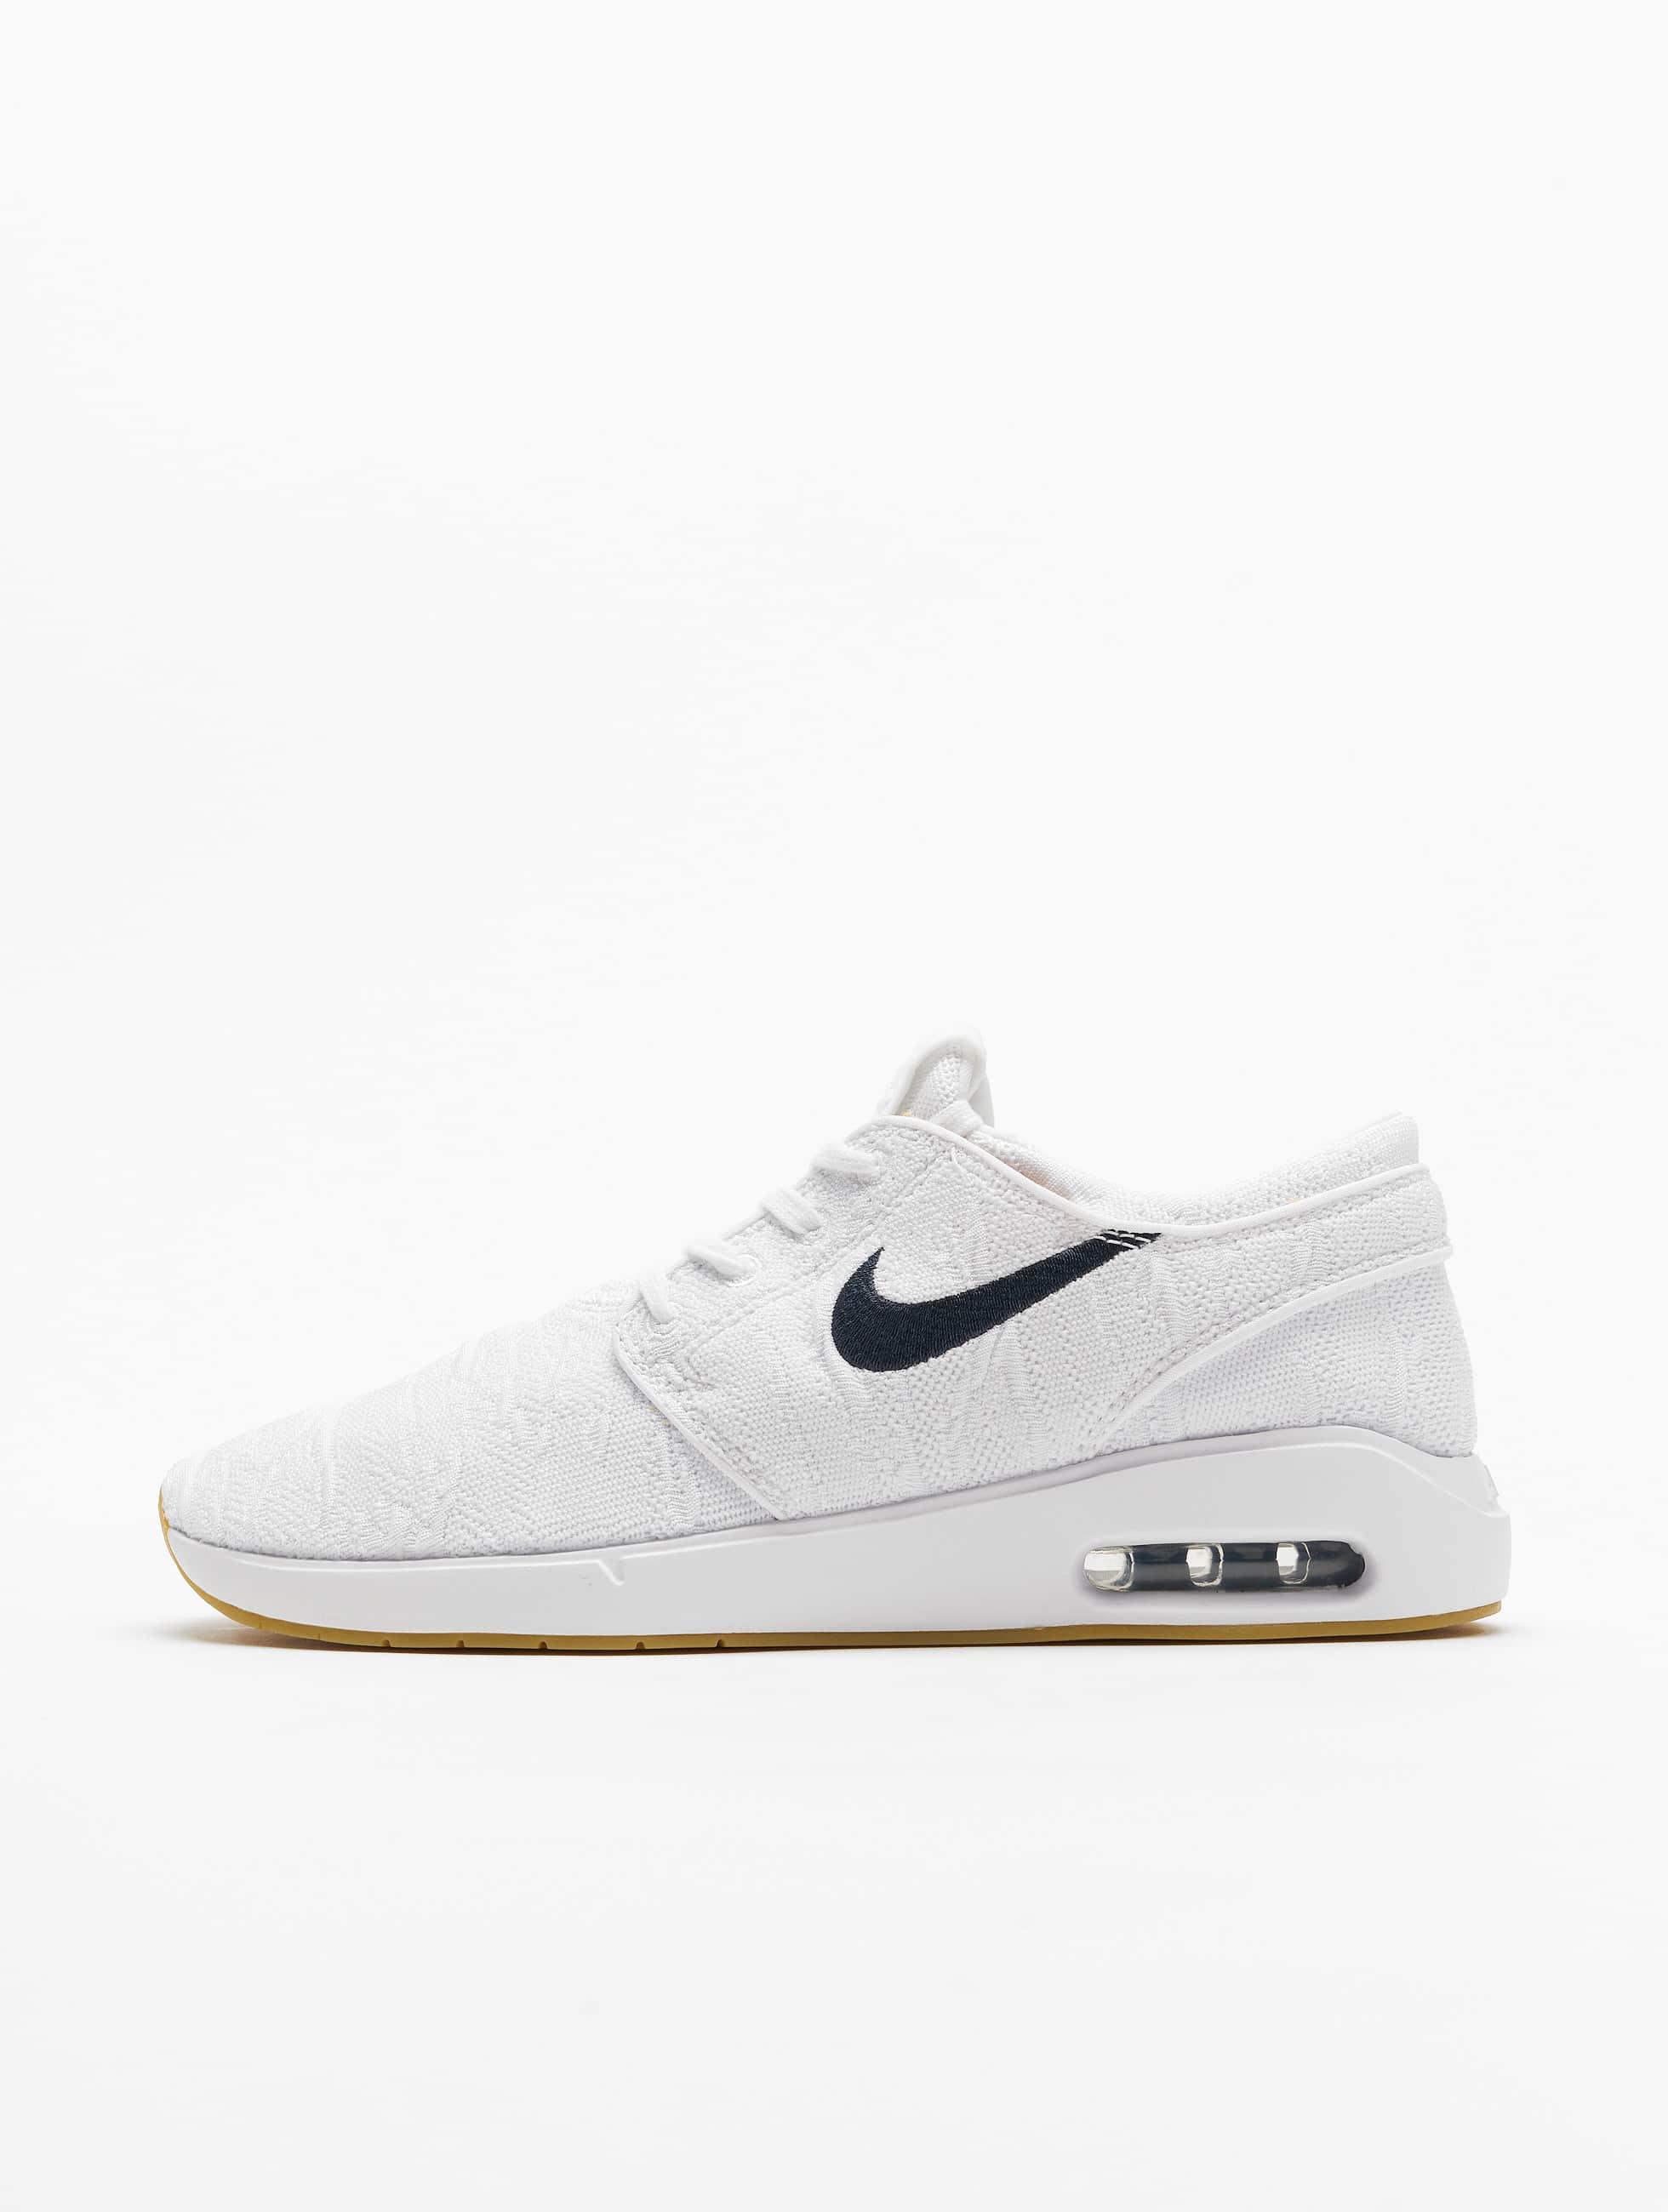 Nike SB Air Max Janoski 2 Sneakers WhiteObsidianCelestial Golden